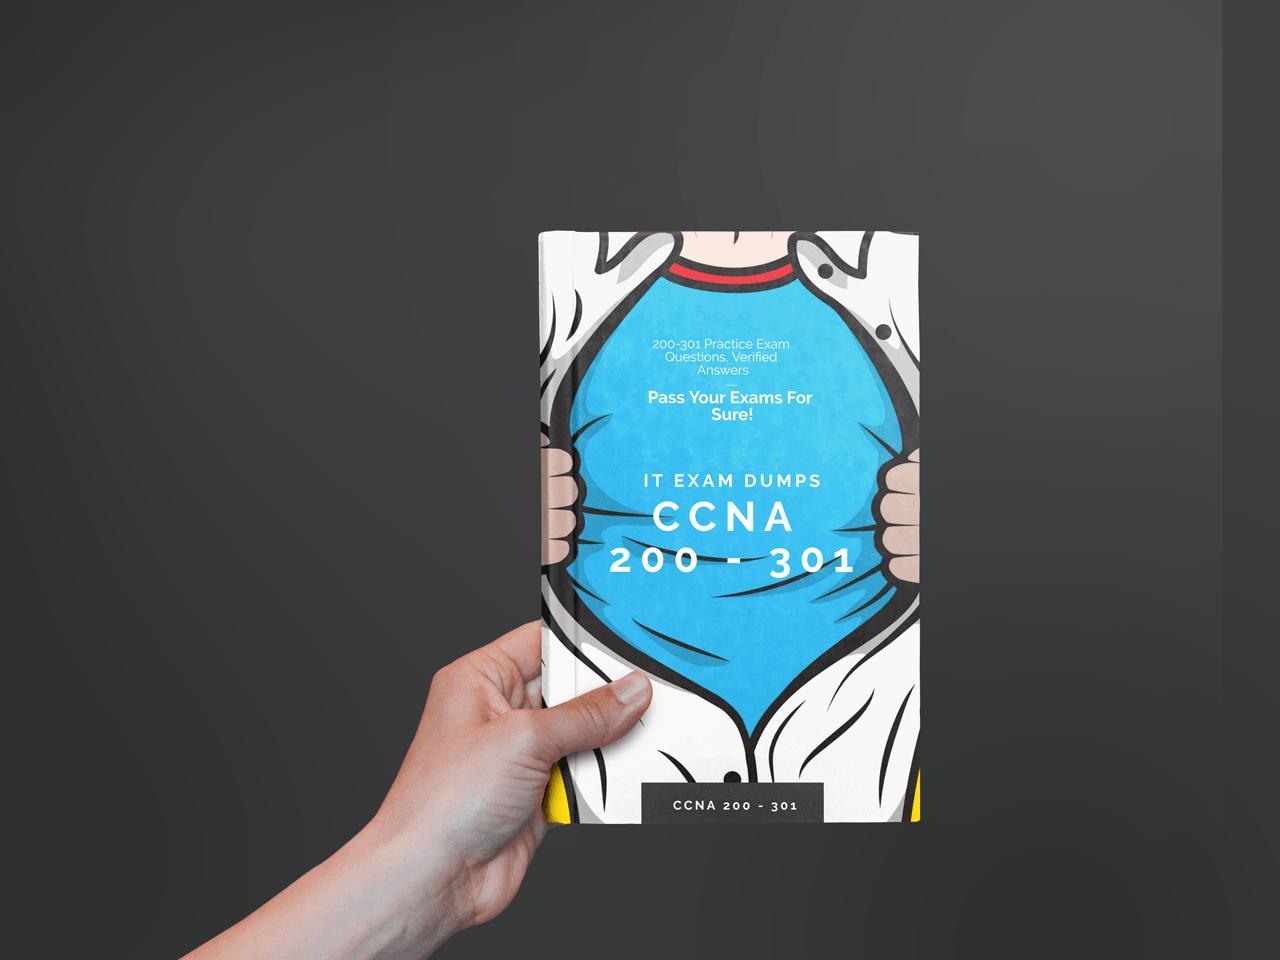 CCNA 200-301 Exam Dumps